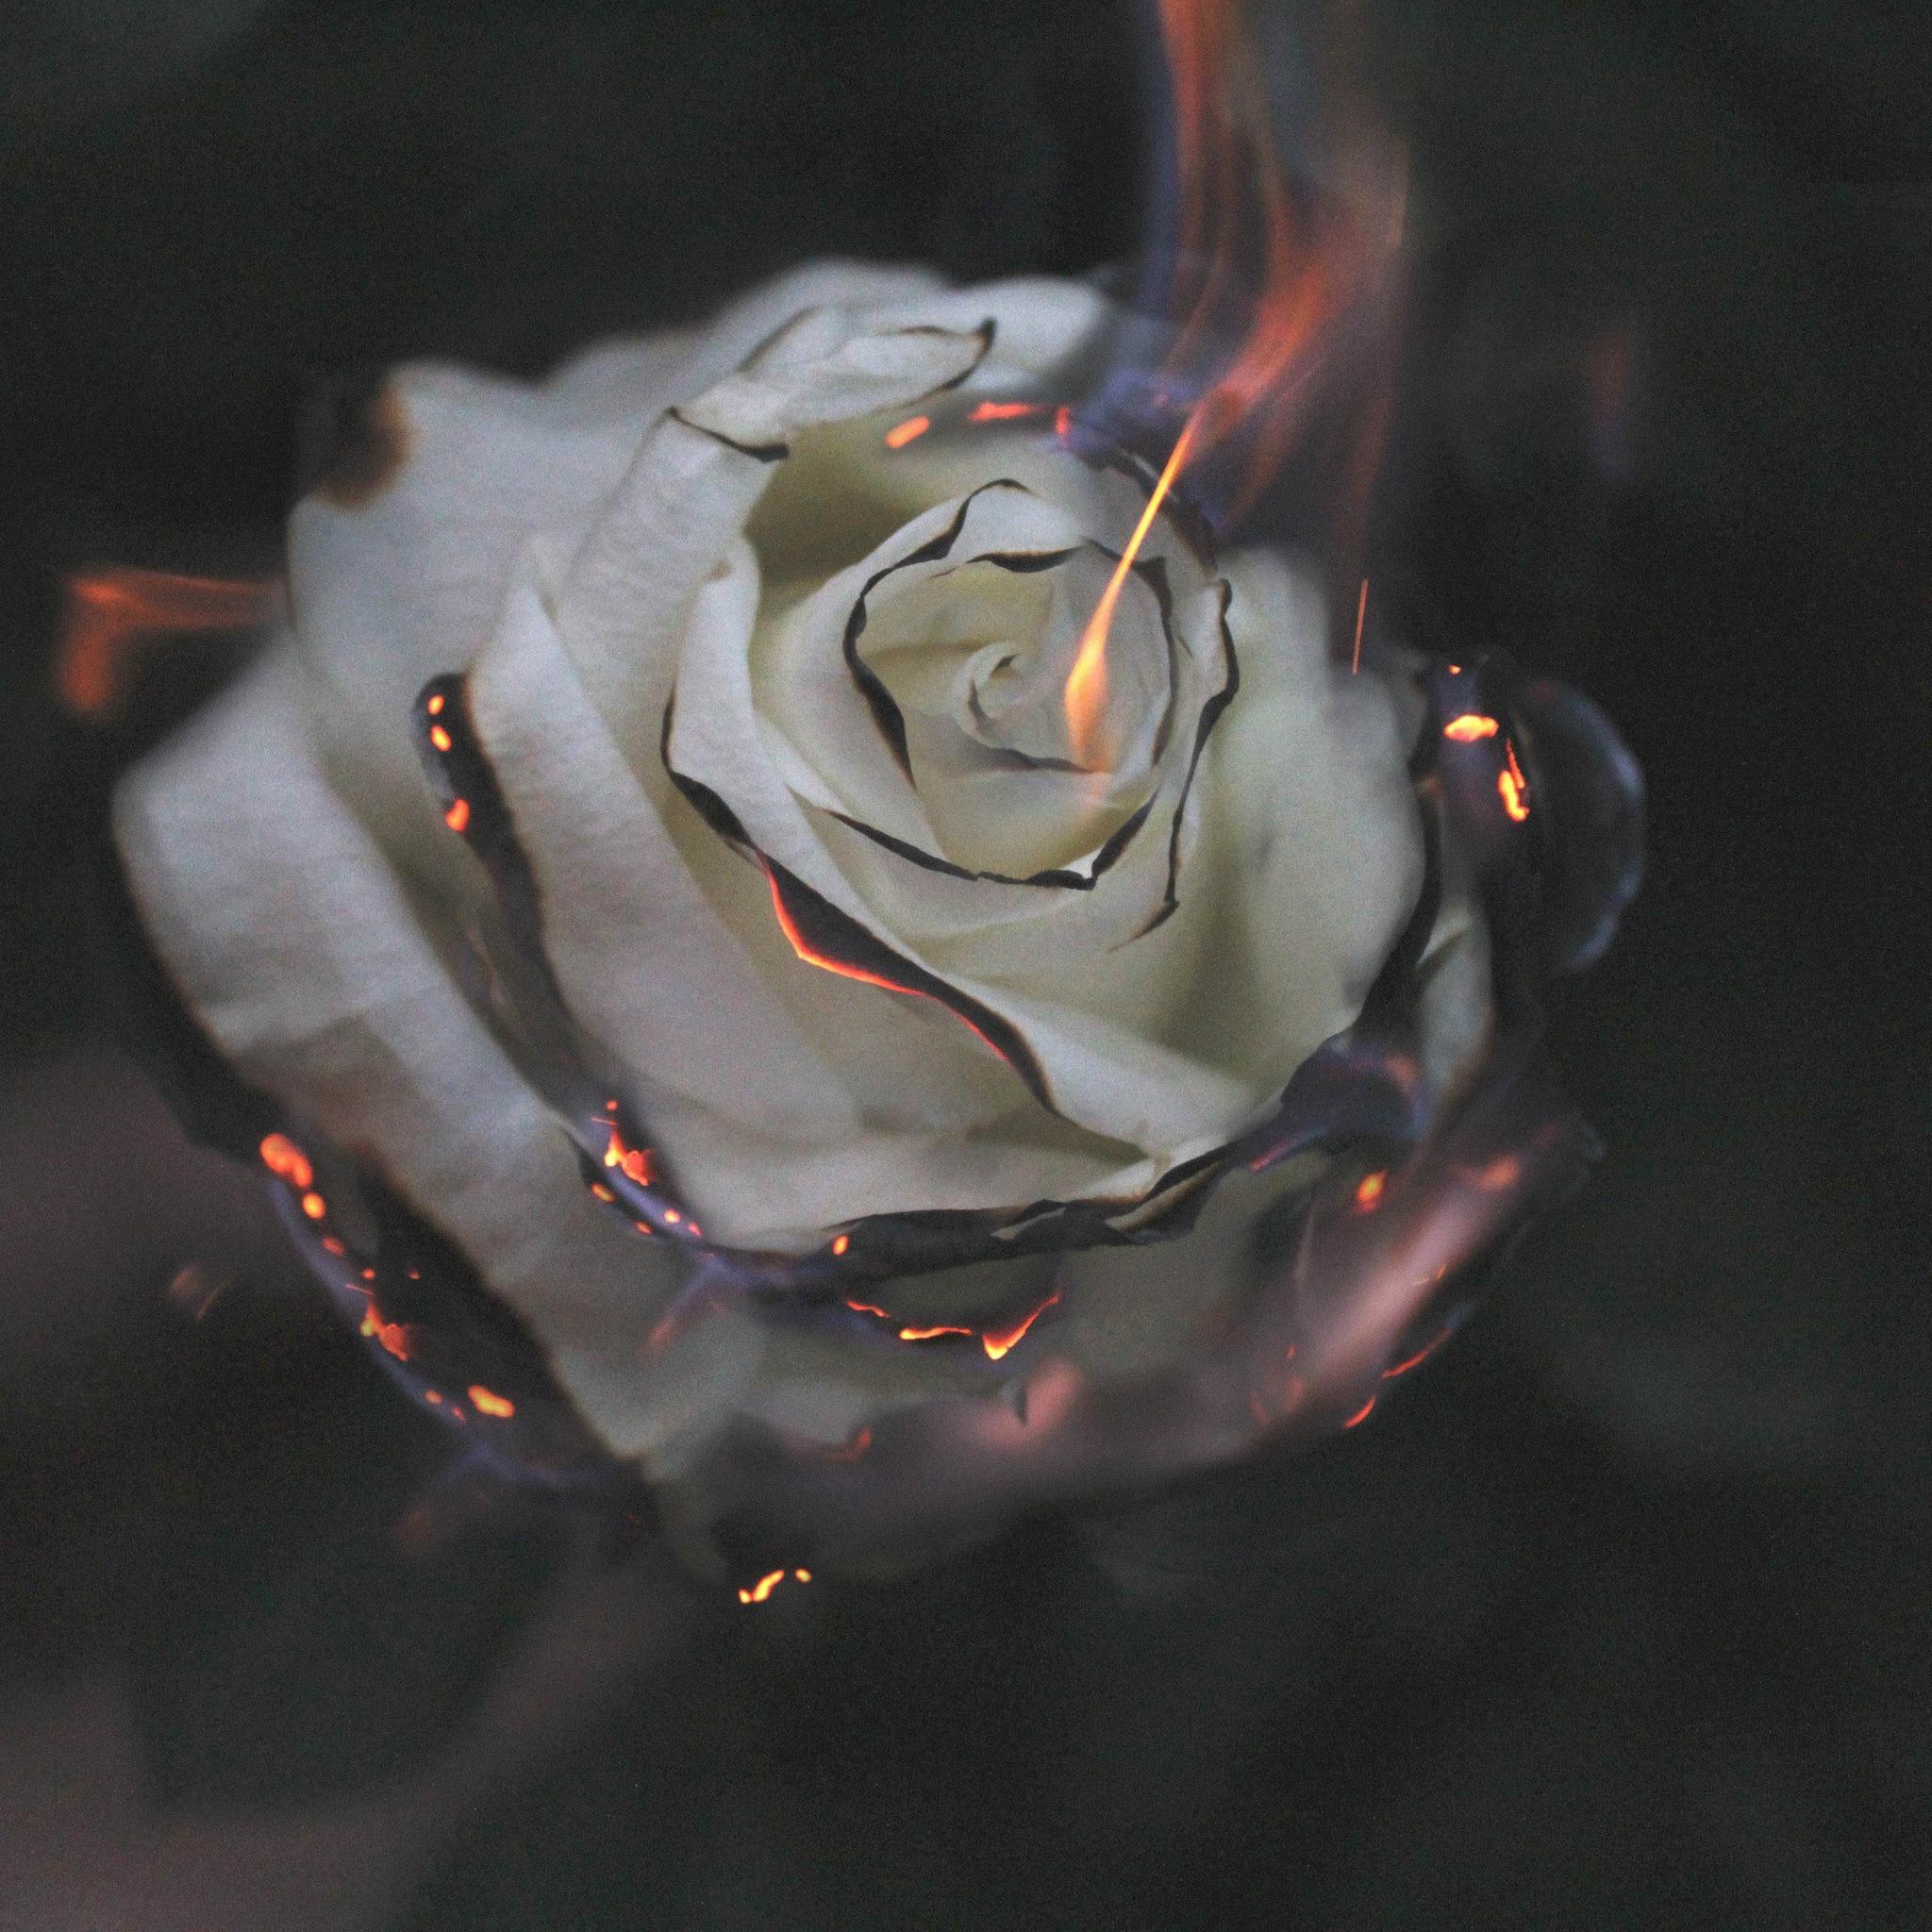 rose-fire-photography-smoke-fl.jpg